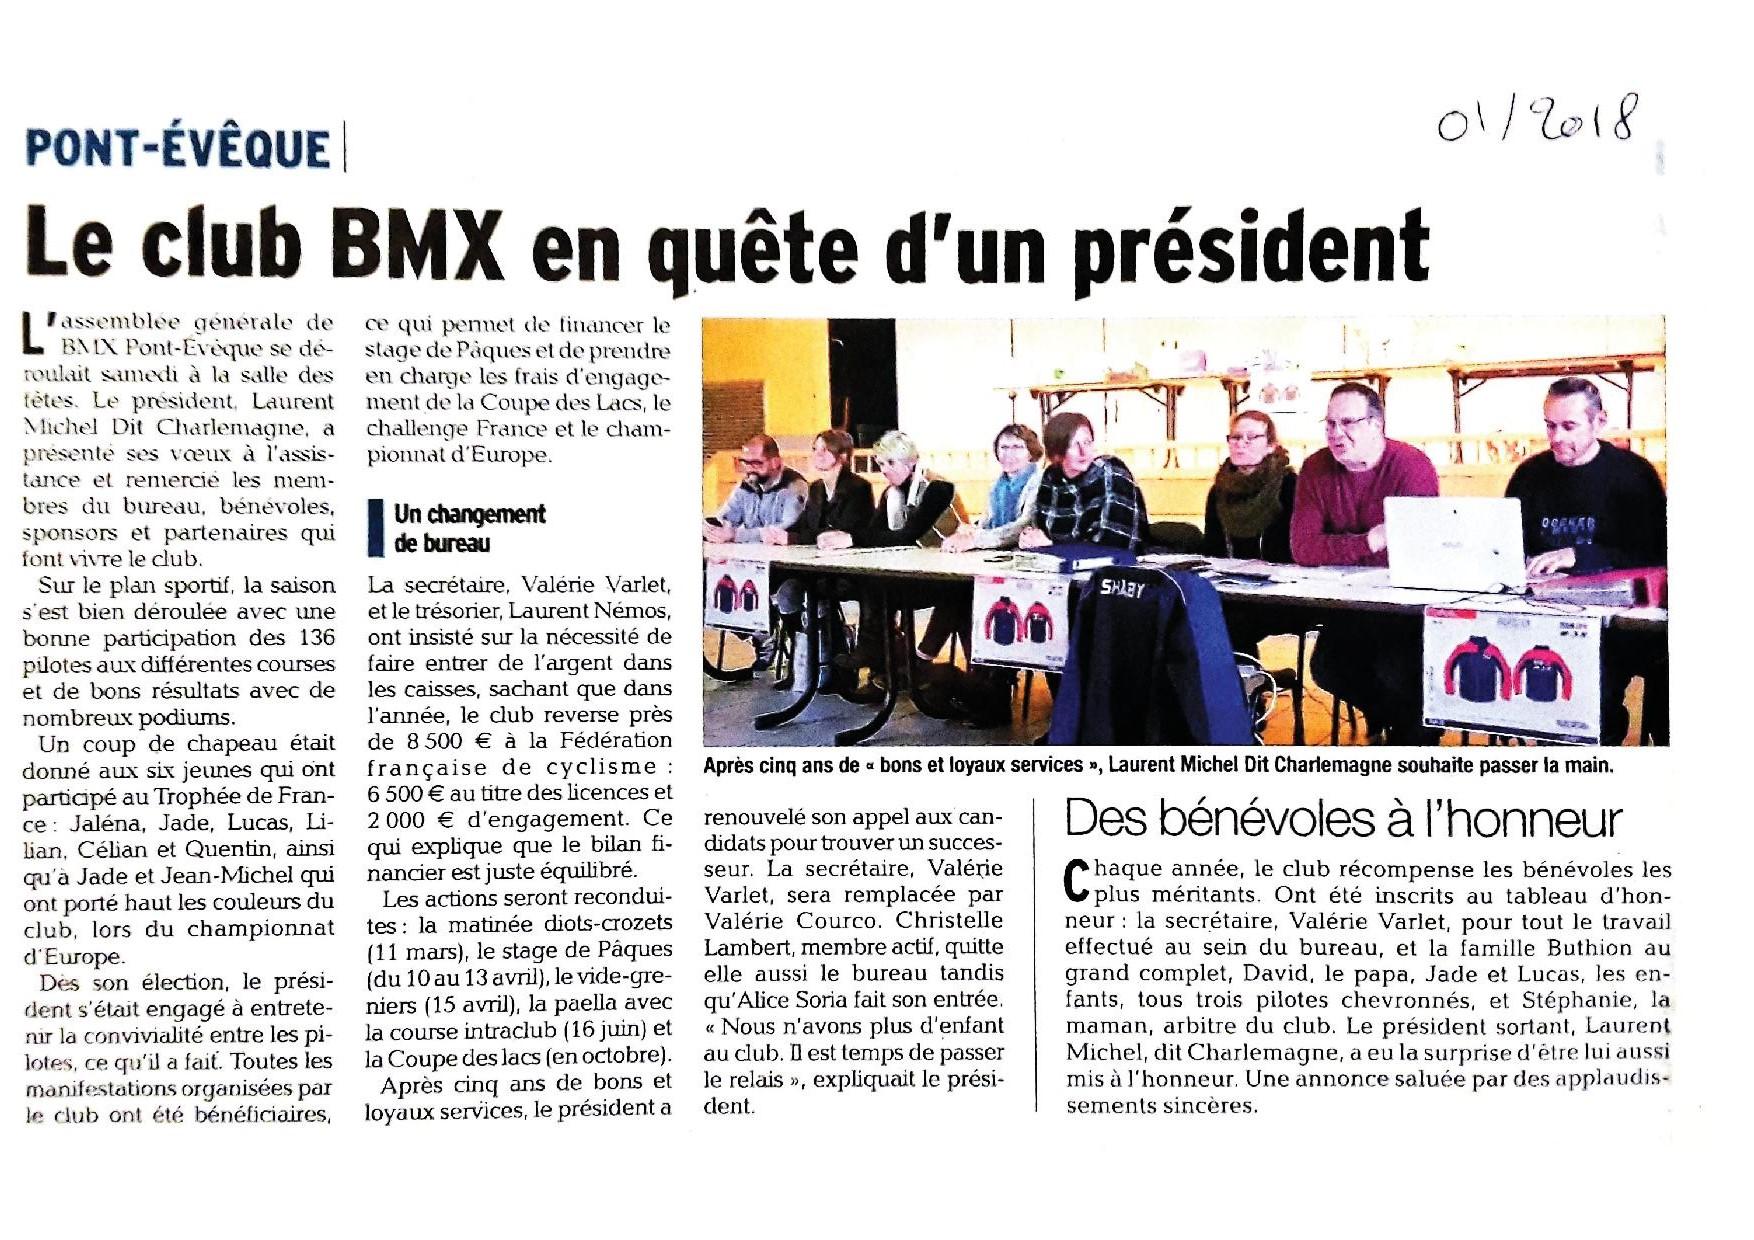 Assemblée générale et Tombola Salle des Fêtes de Pont-Evêque - 20 janvier 2018